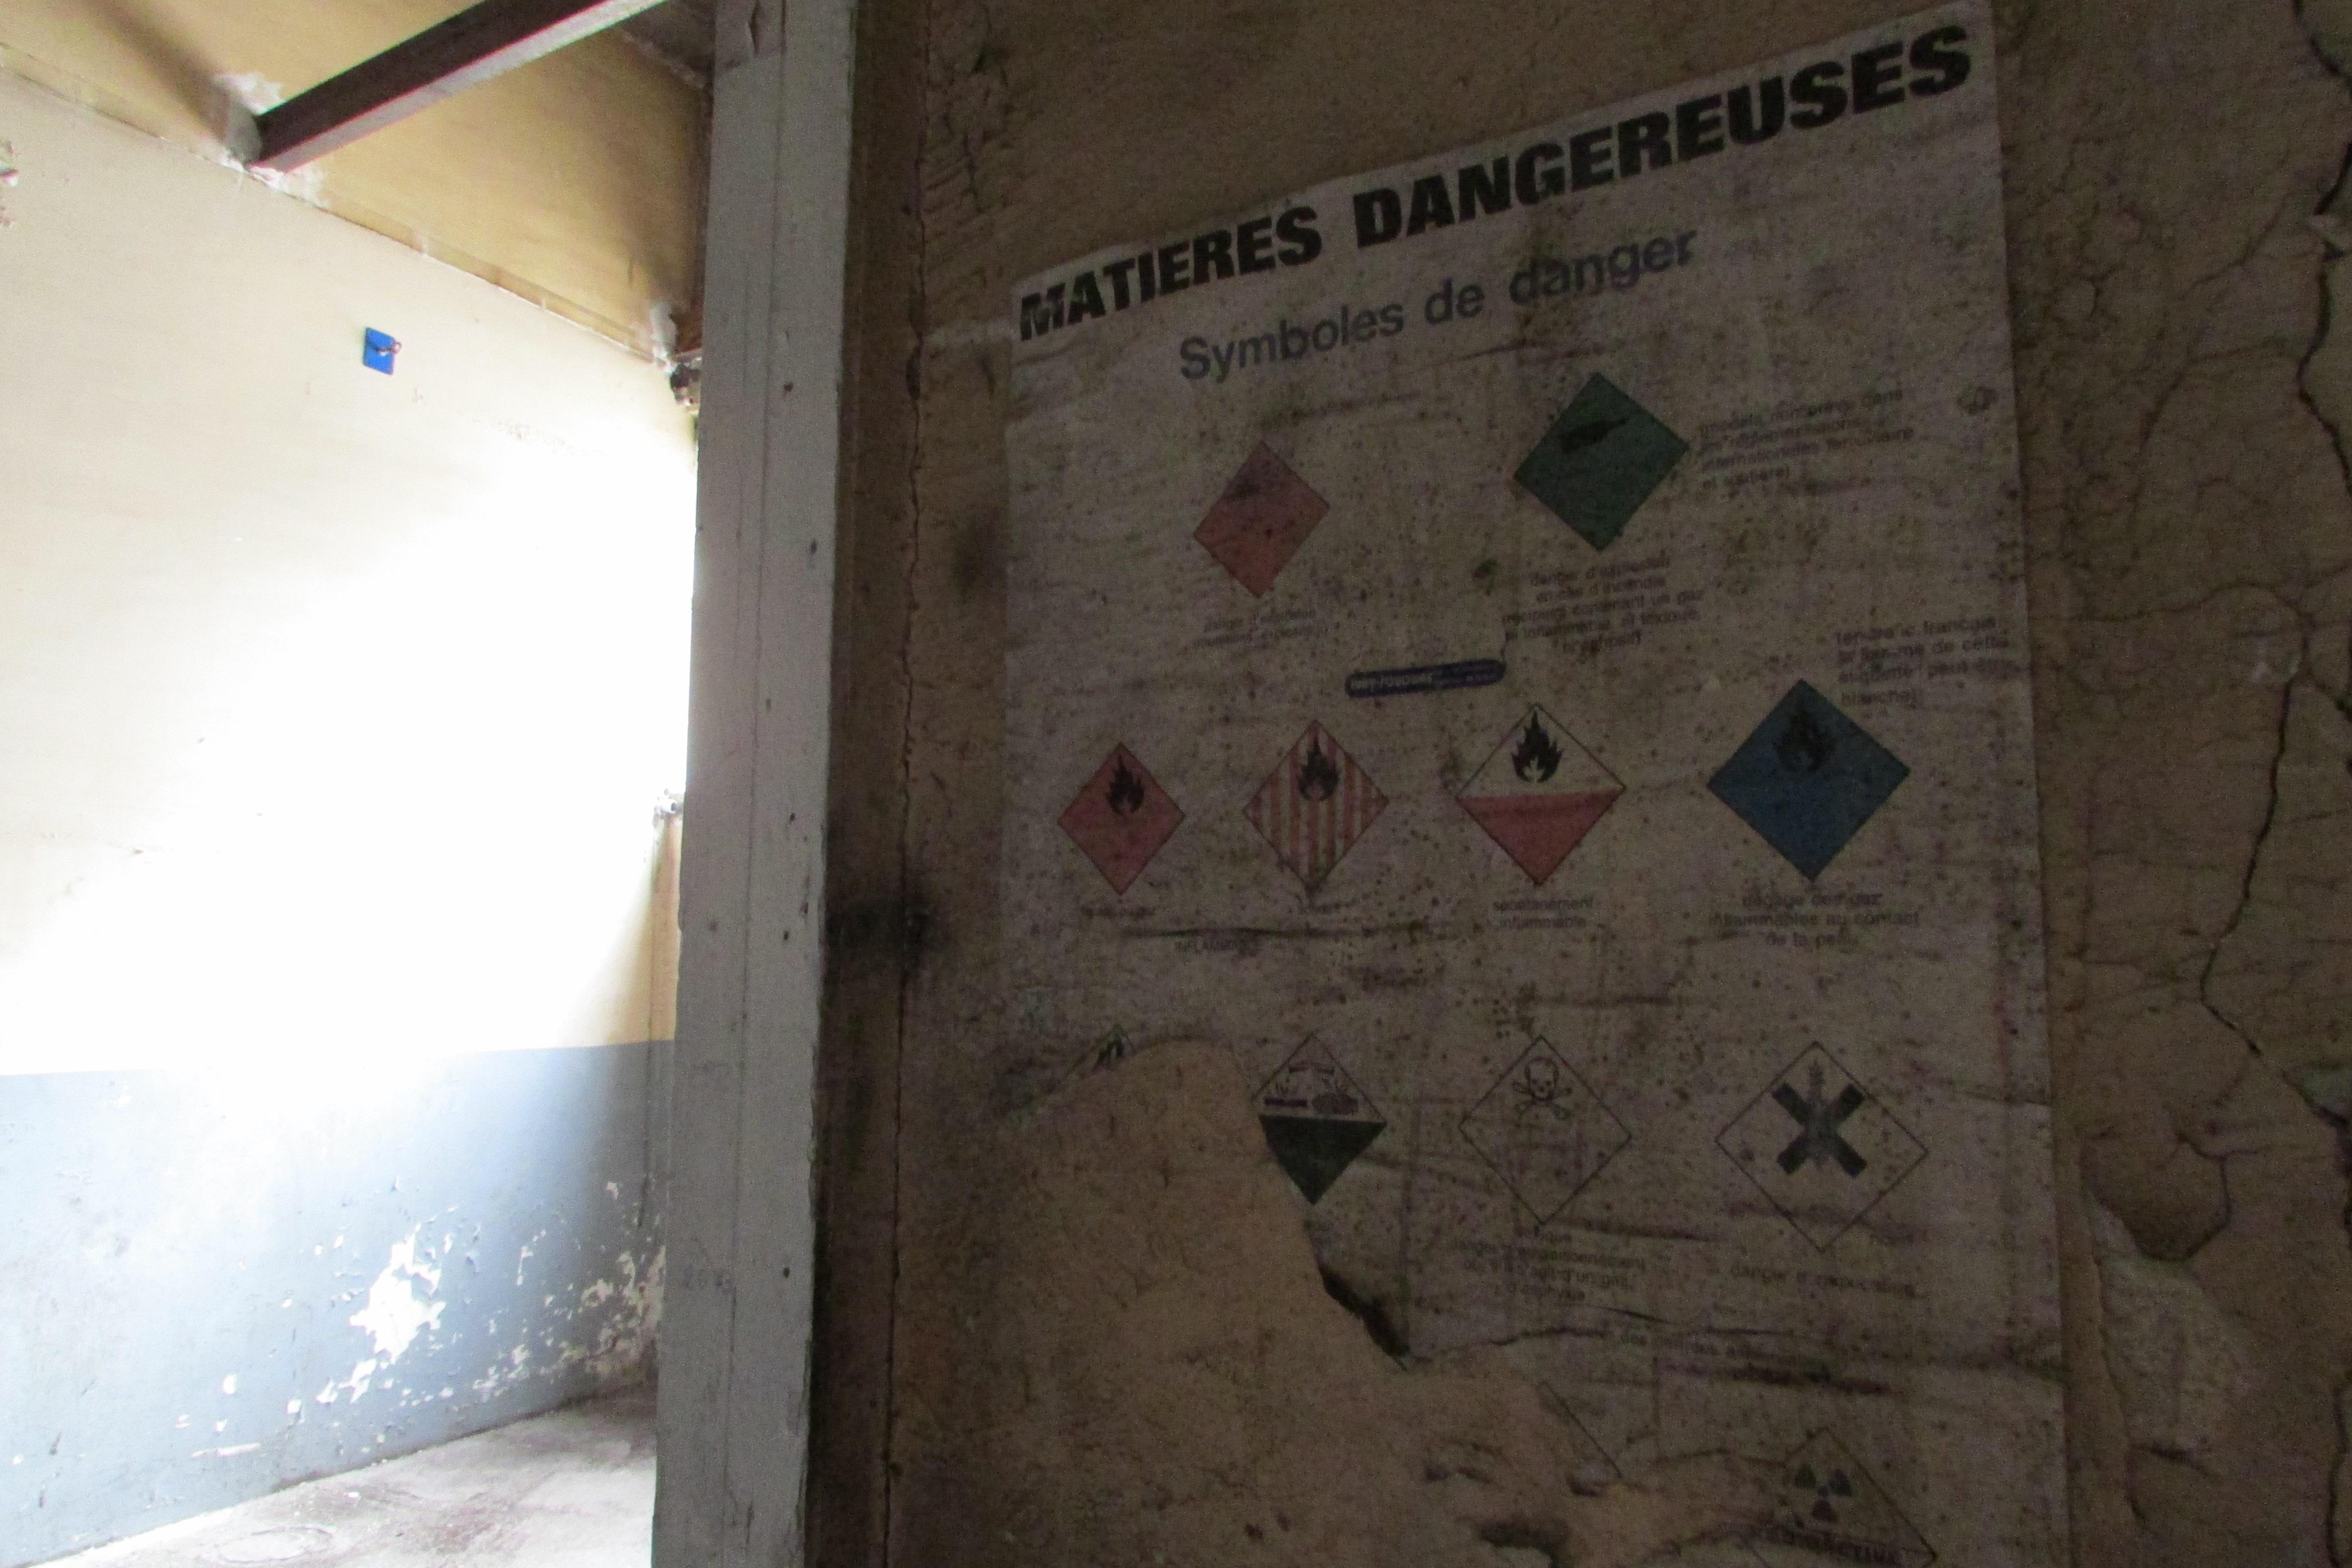 Matières dangereuses (vous voyez bien que c'est le même endroit)